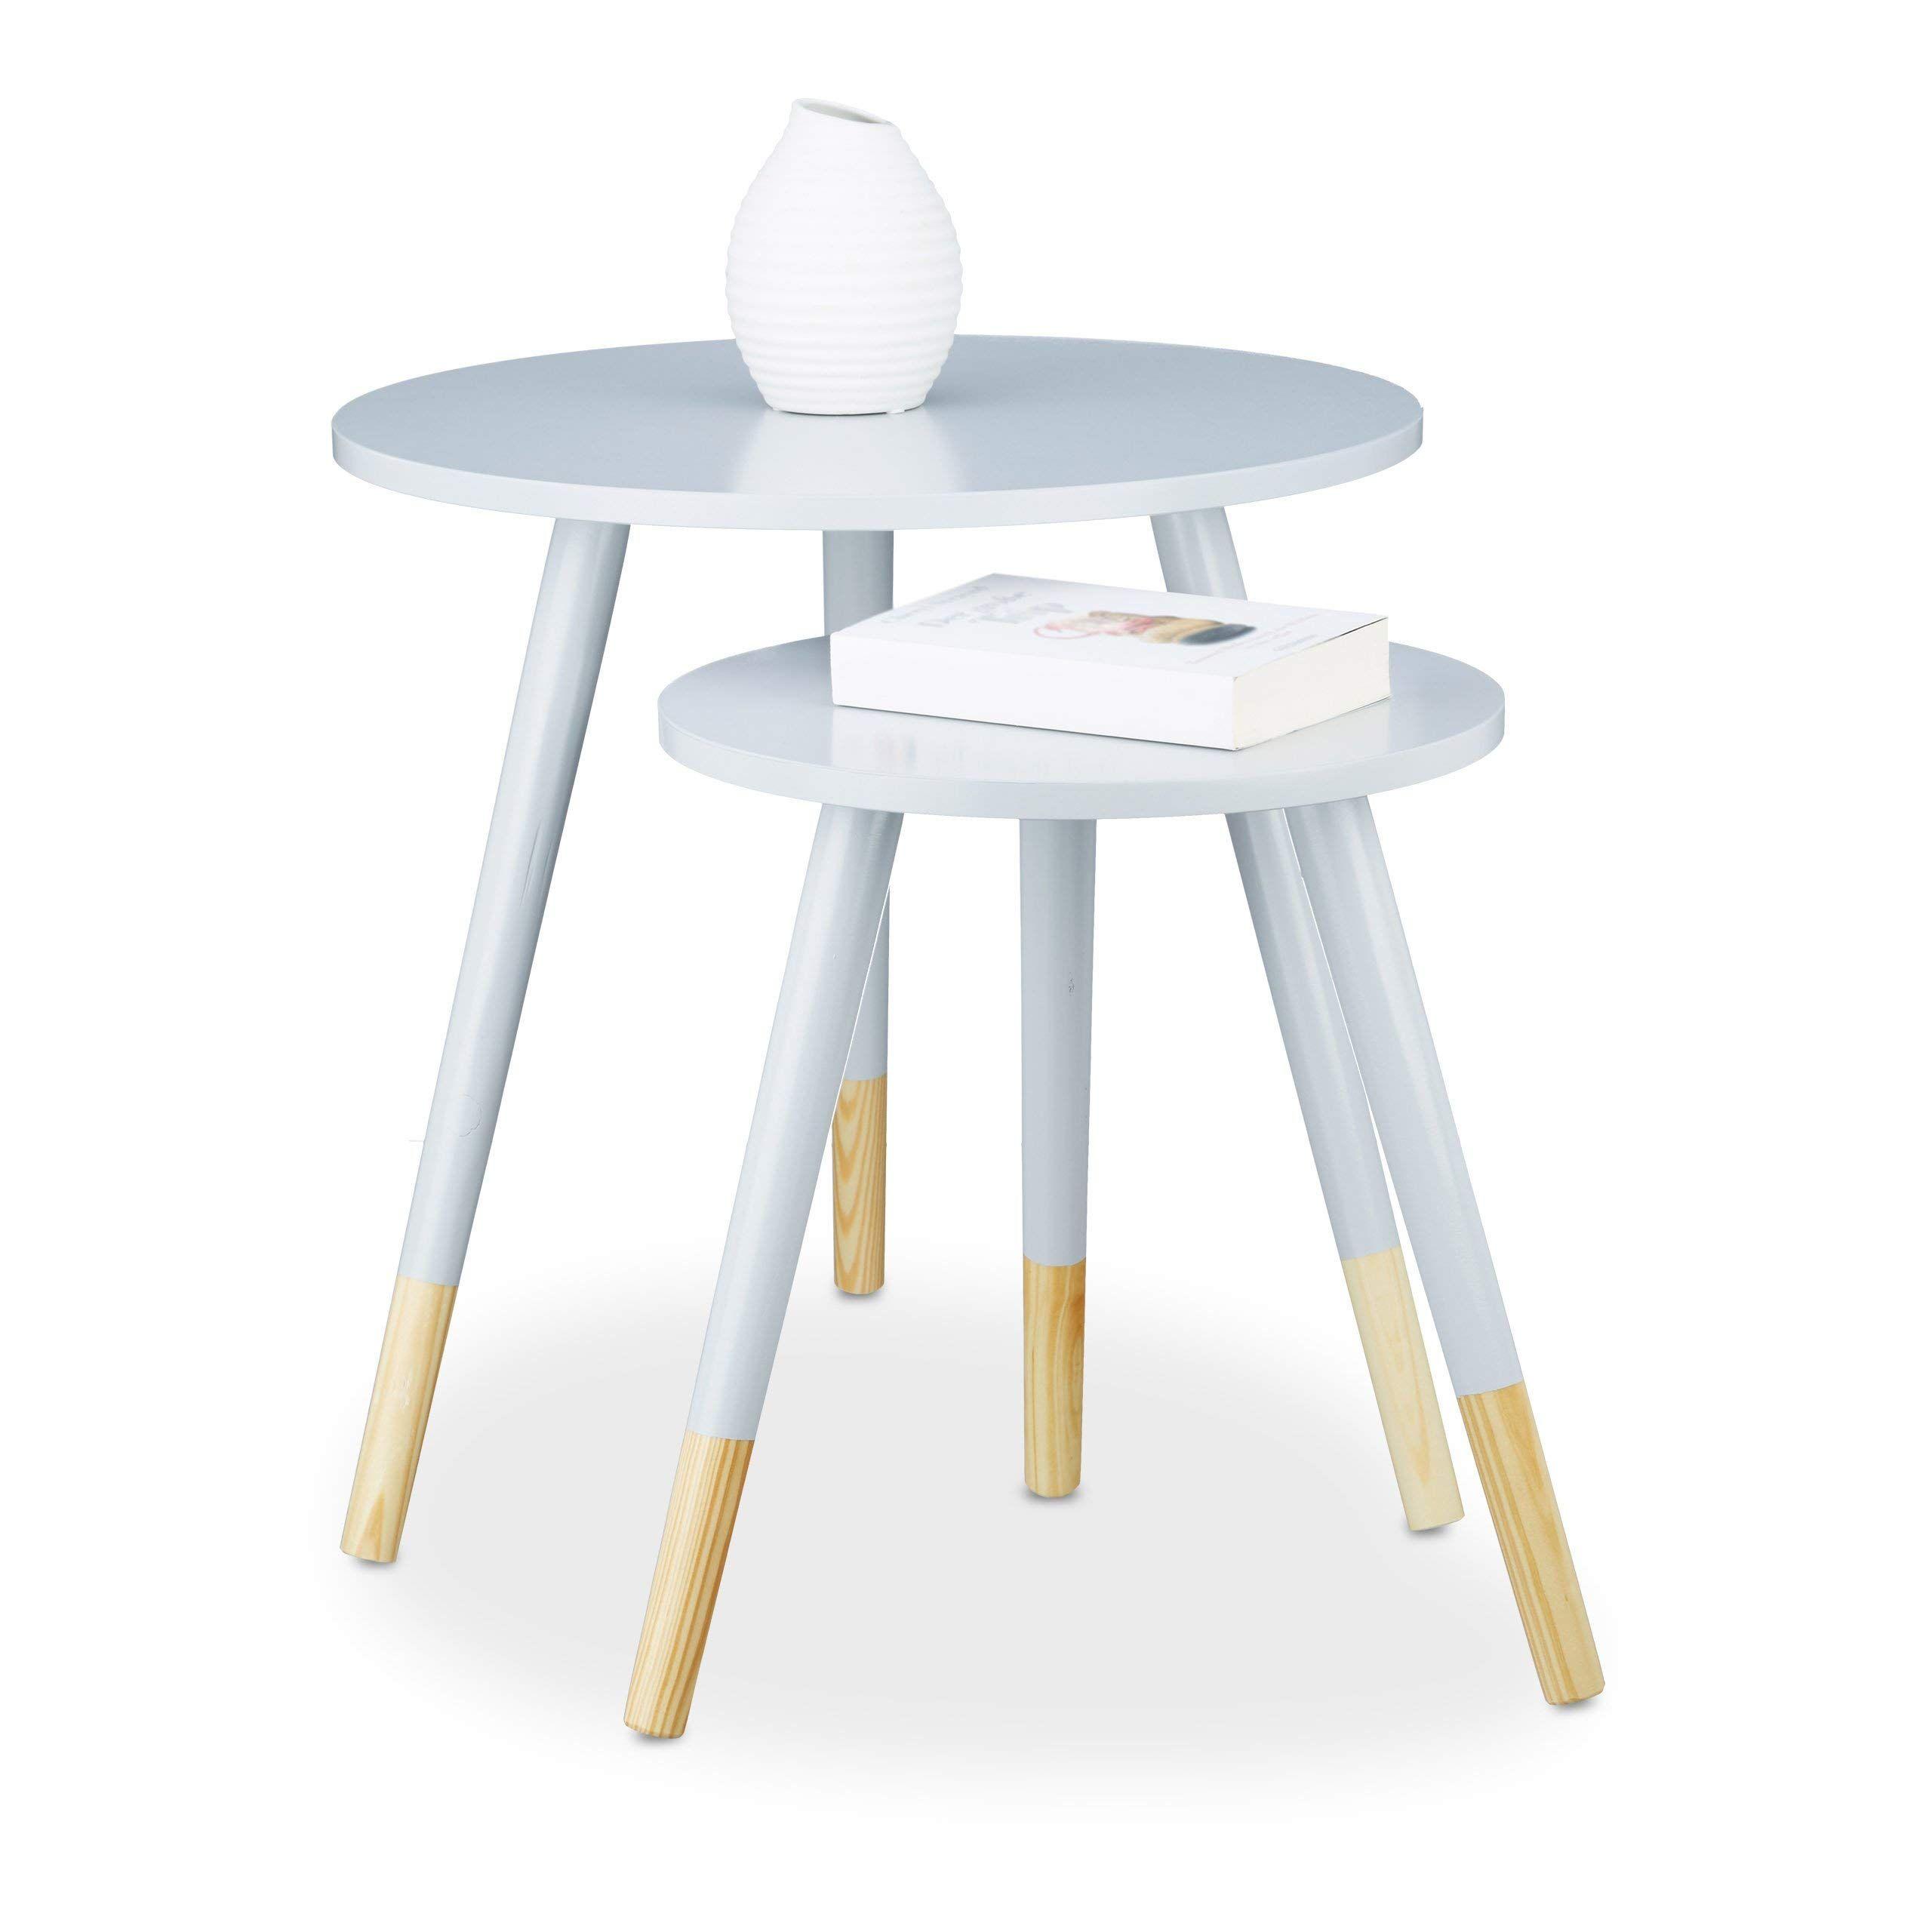 Relaxdays Grau Beistelltisch Rund 2er Set Holztisch Dreibeiner Hxd 48 X 48 Cm Matt Lackierter Wohnzimmertisch In 2020 Beistelltisch Rund Satztische Wohnzimmertisch